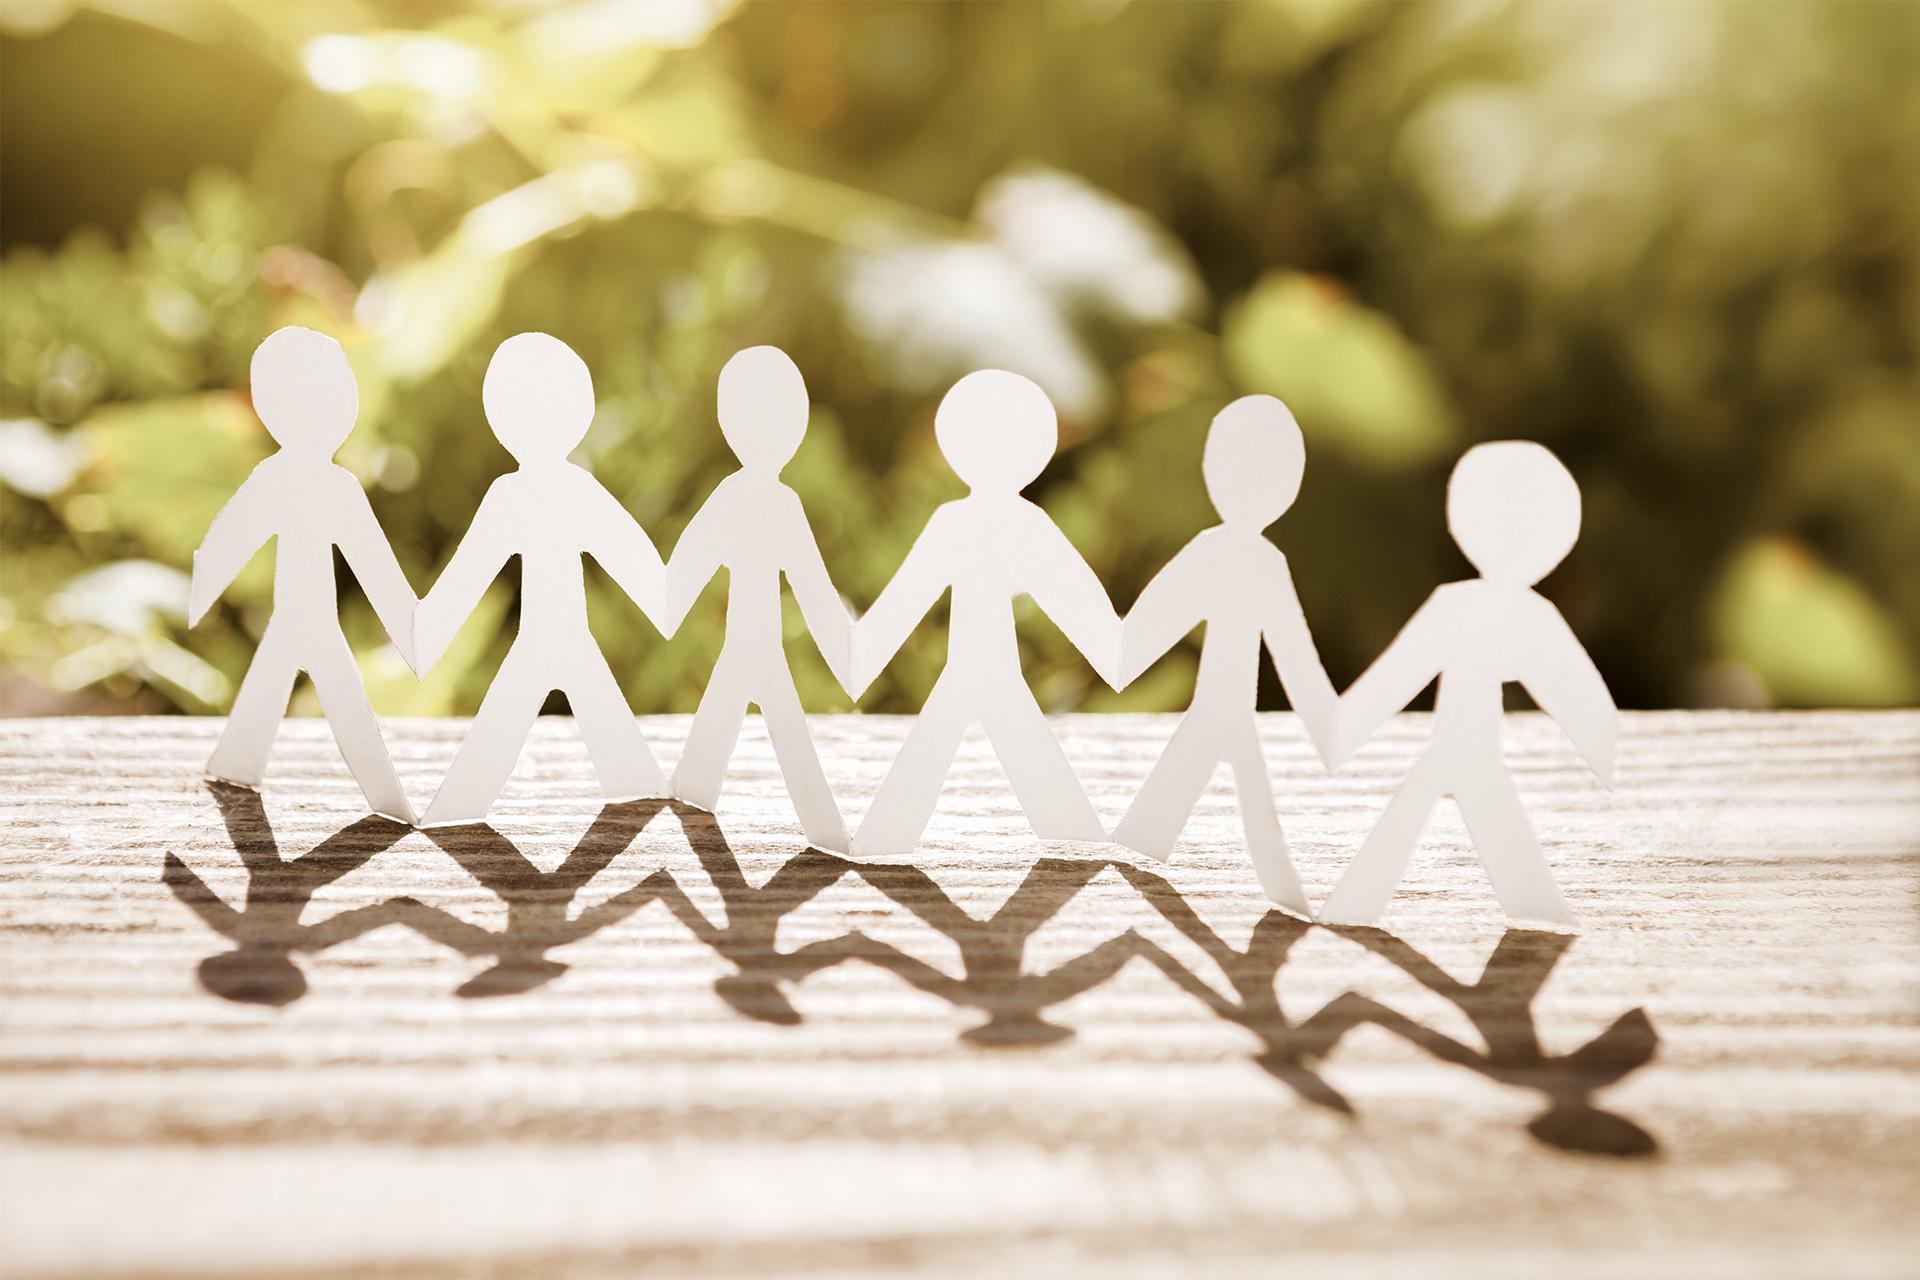 Ein Scherenschnitt symbolisiert Kinder, die sich an den Händen halten.